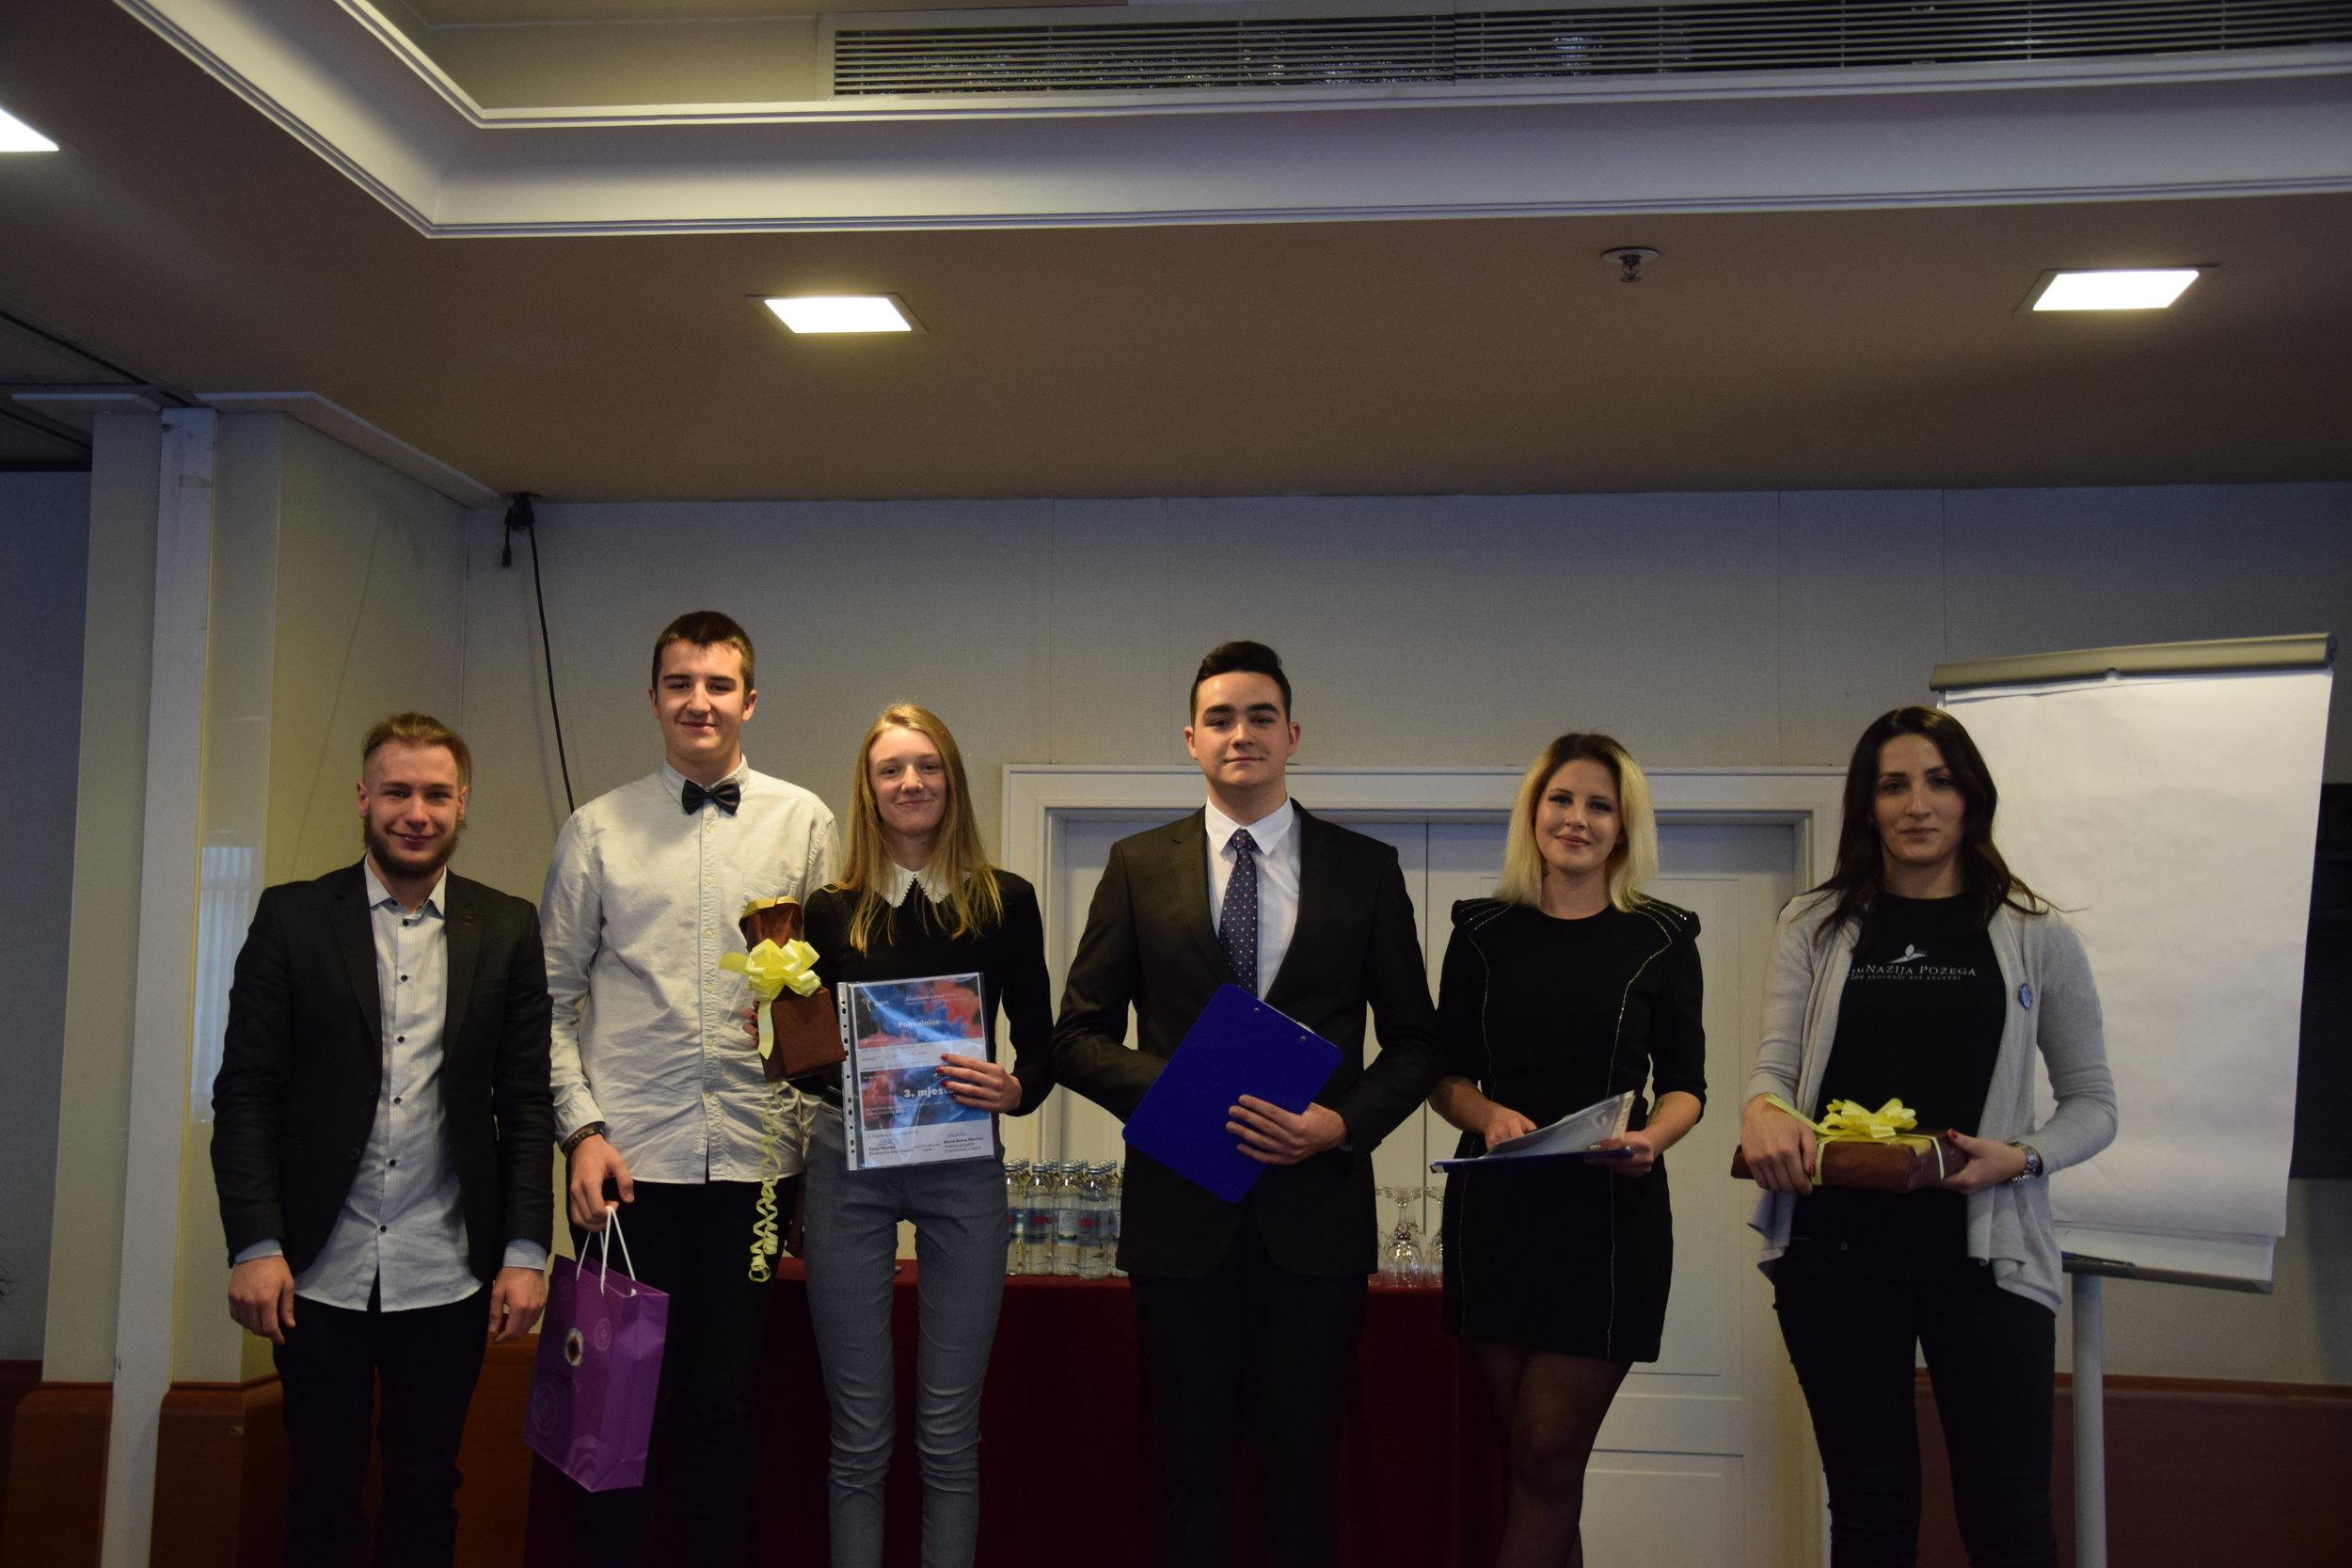 Autori i mentorica trećenagrađenog rada s voditeljem projekta i voditeljskim parom na završnici natjecanja.